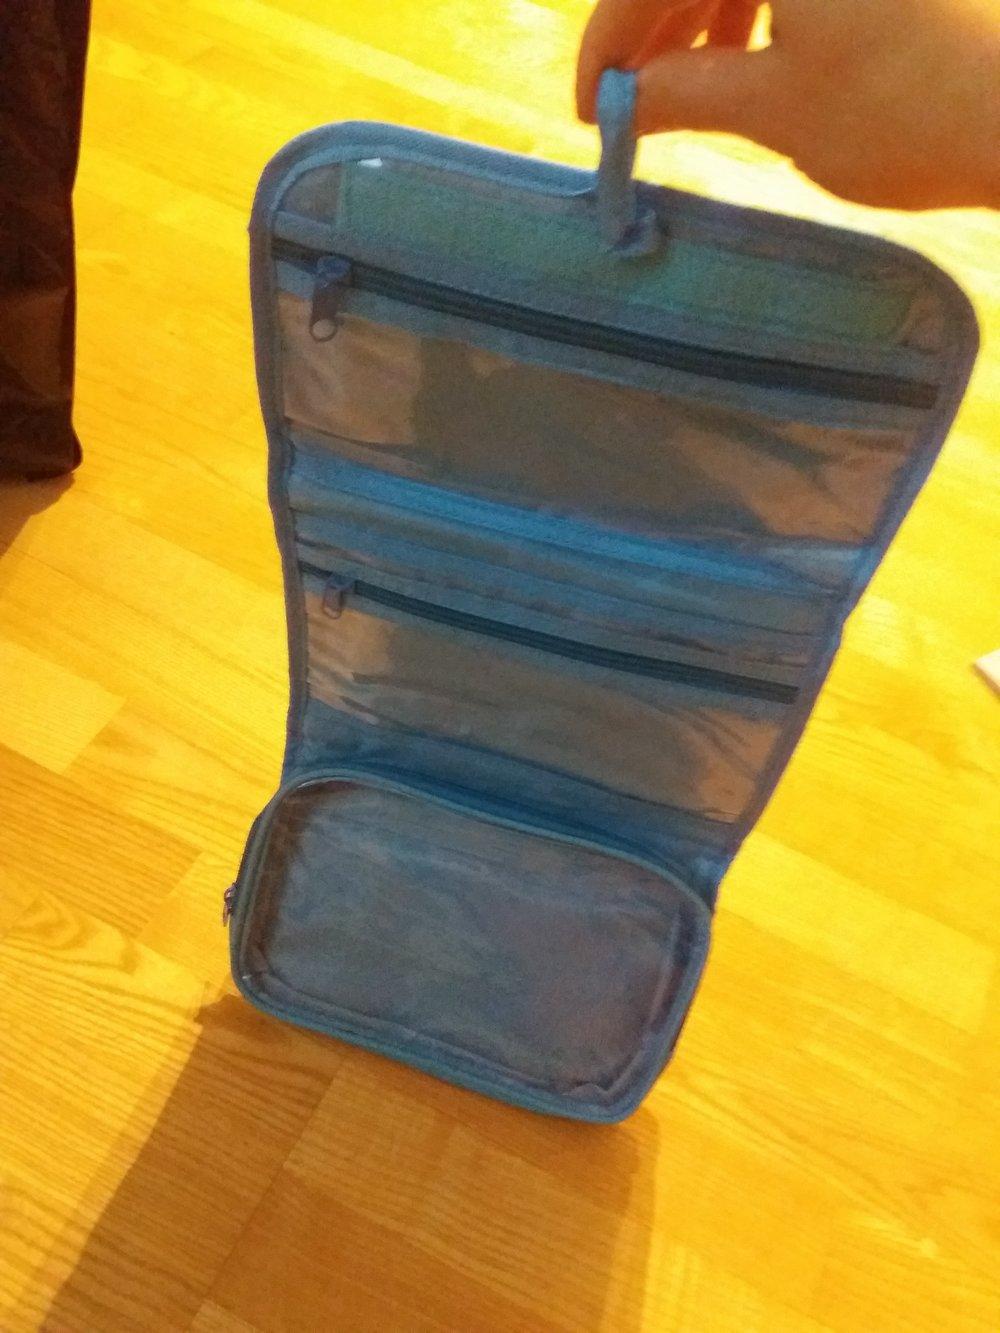 Super näppärä taiteltava toilettilaukku, jonka saa kivasti avattua näin ja ripustettua naulaan. Todella kätevä hostelleissa yöpyessä!